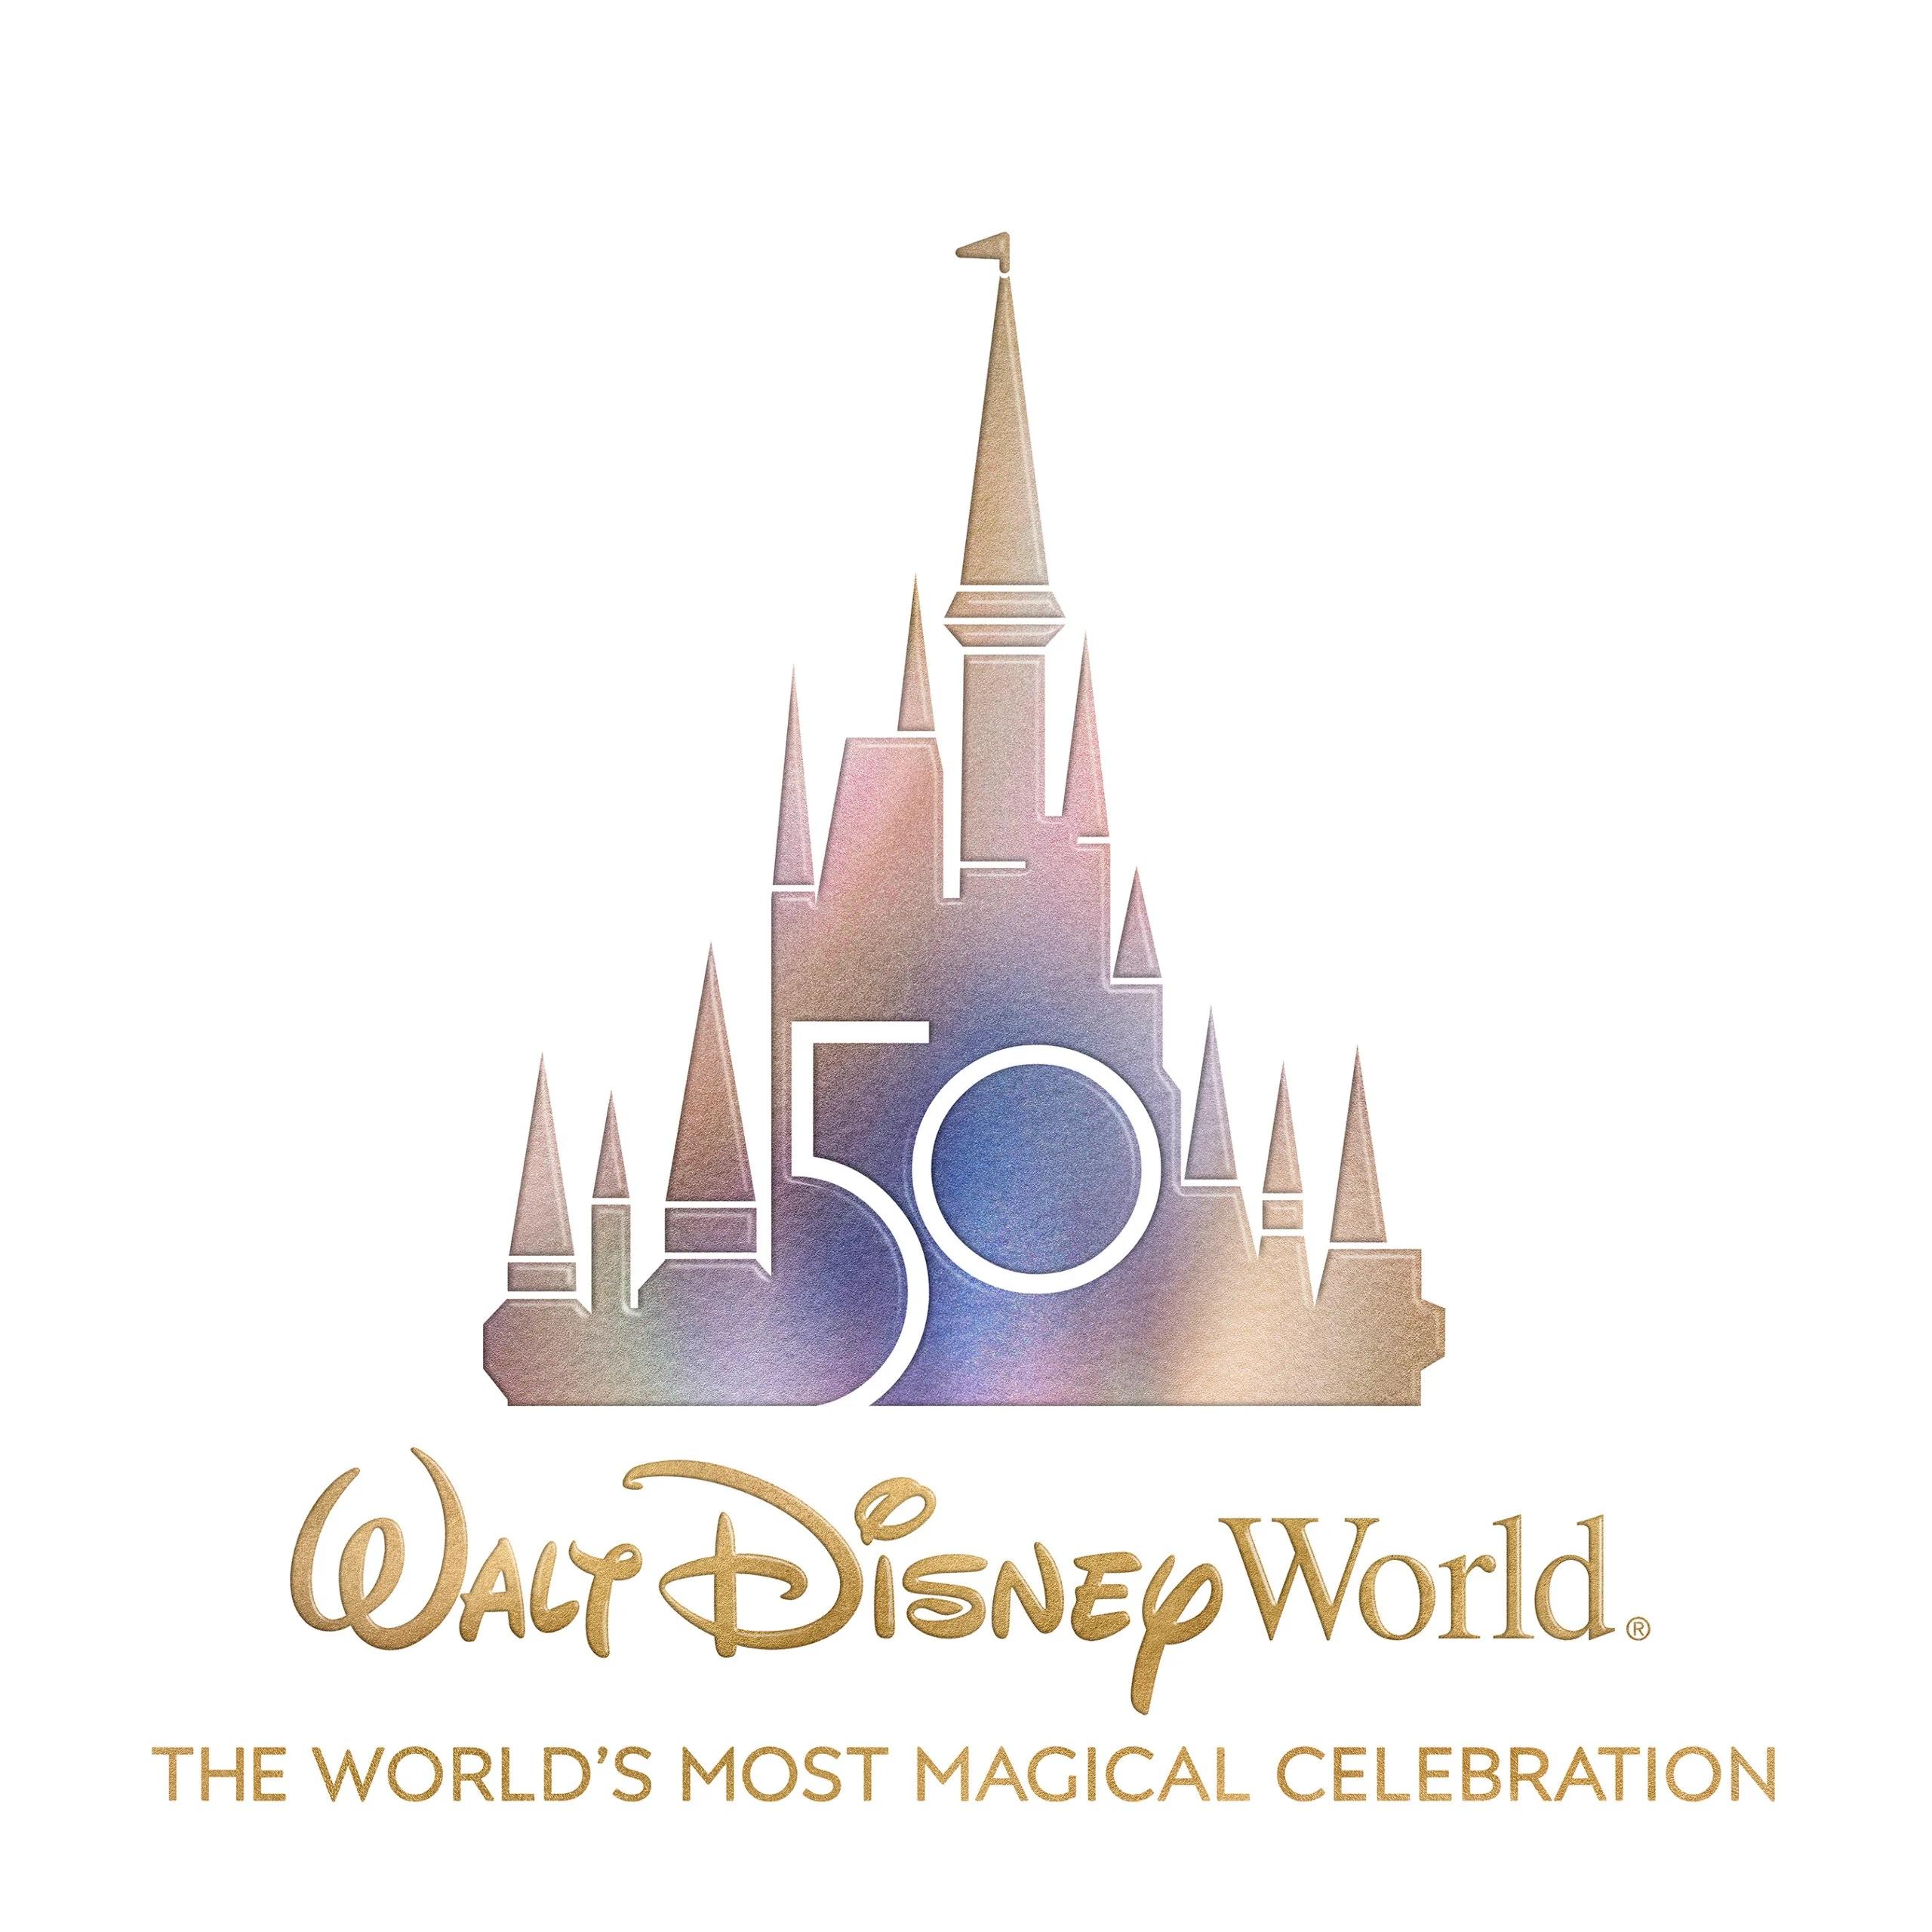 wdw 50 aniversario logo oficial